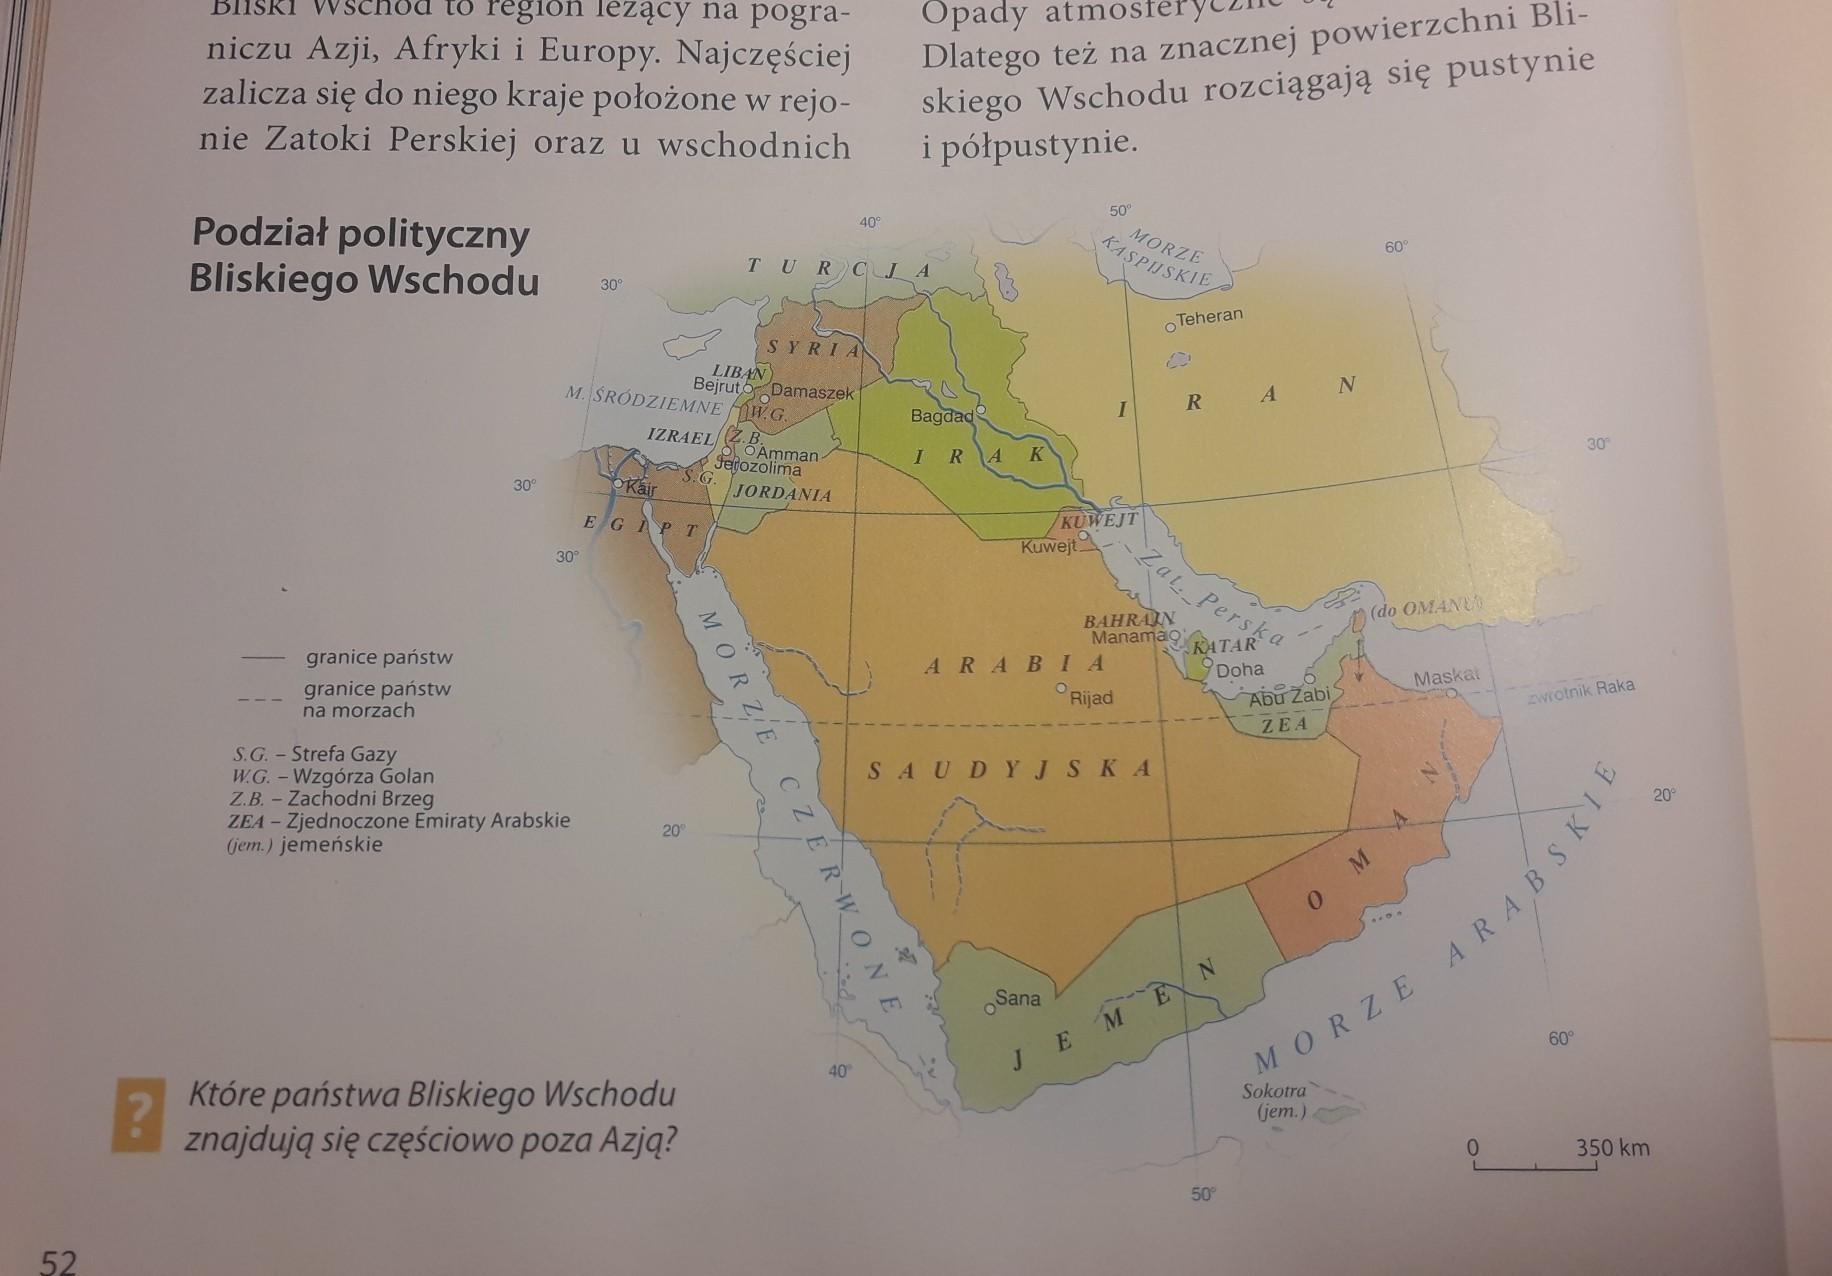 Podzial Polityczny Bliskiego Wschodu Brainly Pl